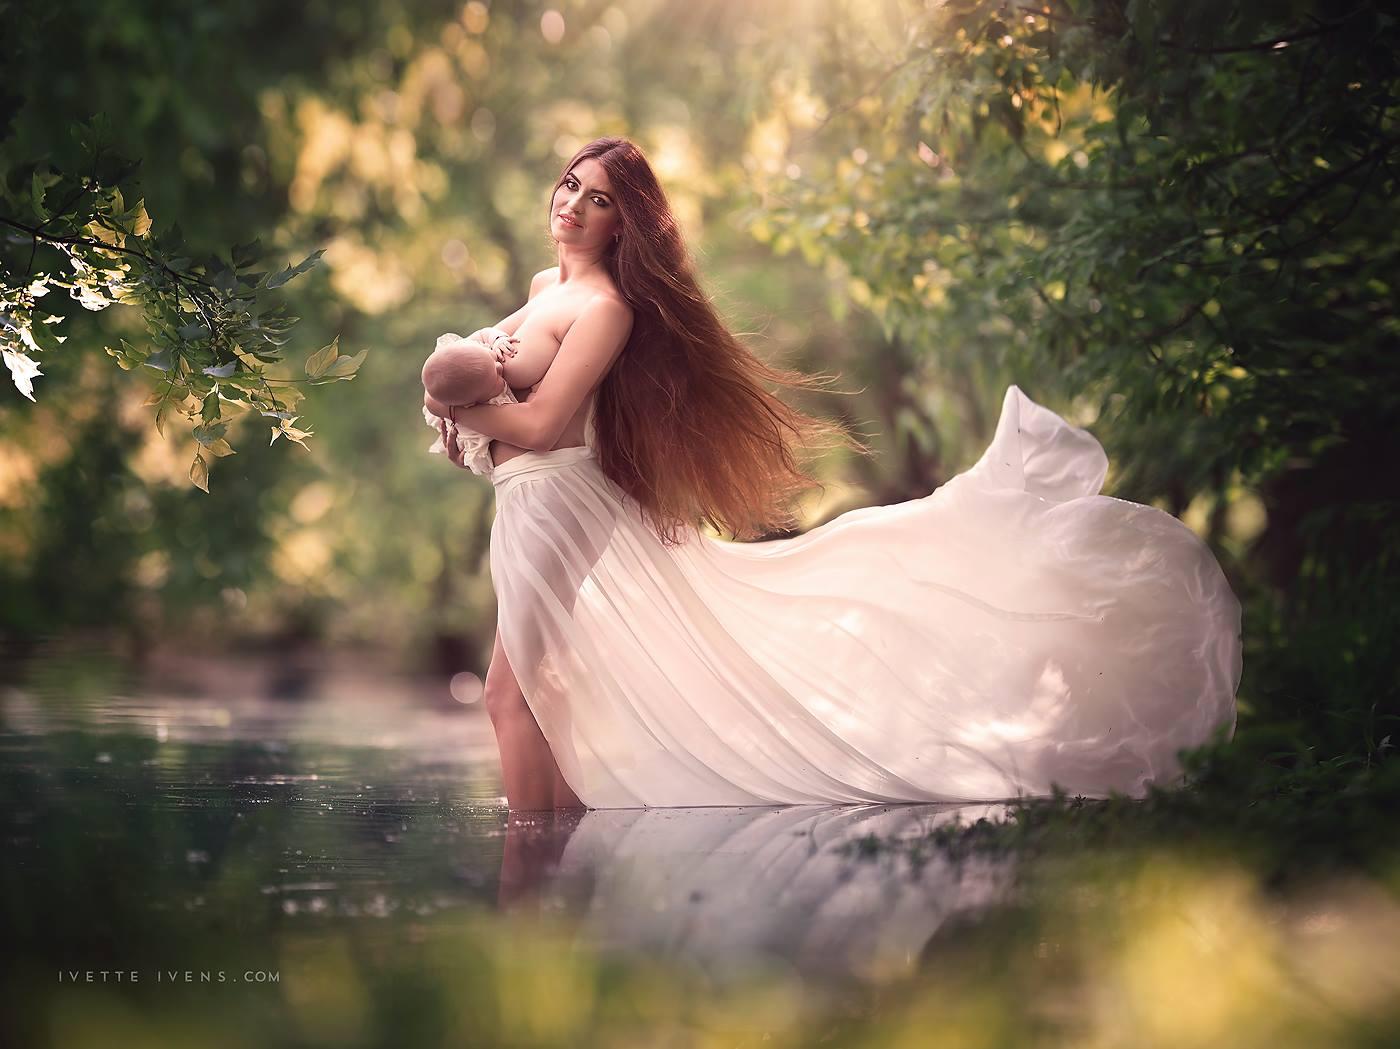 Самые красивые мамочки фото, голые мамочки в фото эротике - красивые мамки 27 фотография